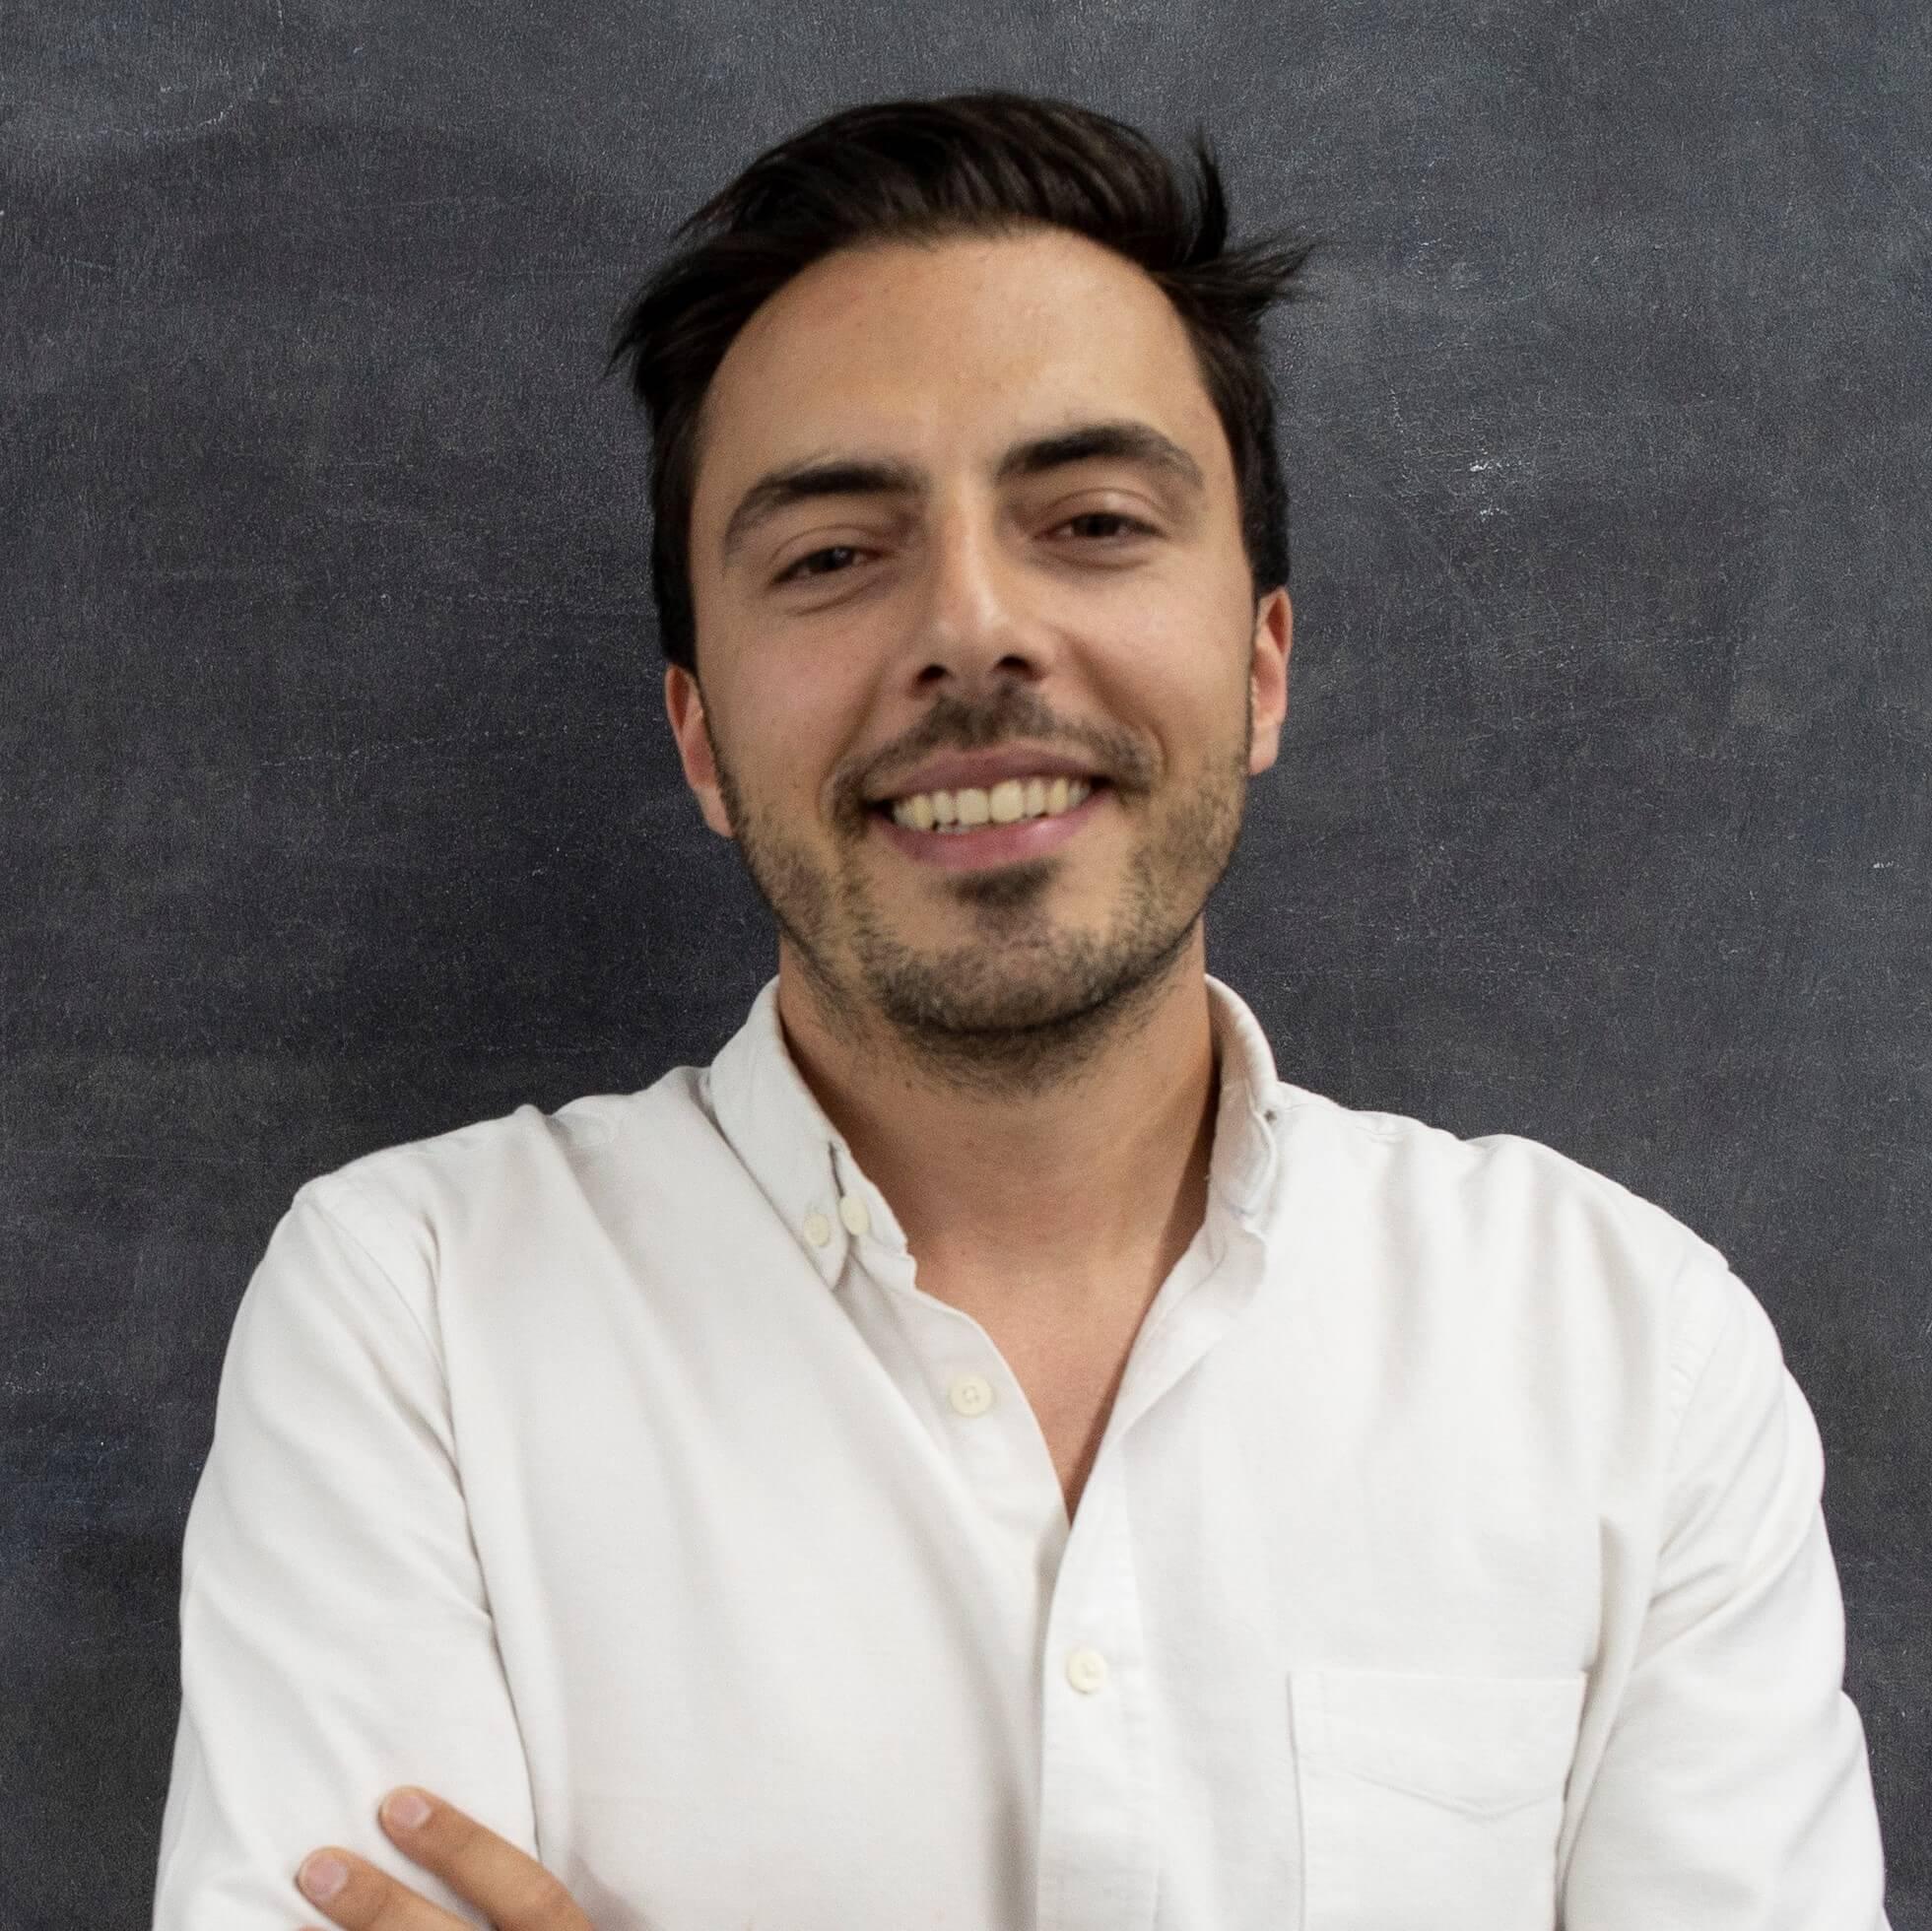 Henrique Paranhos - Founder and CEO of WEbrand Agency